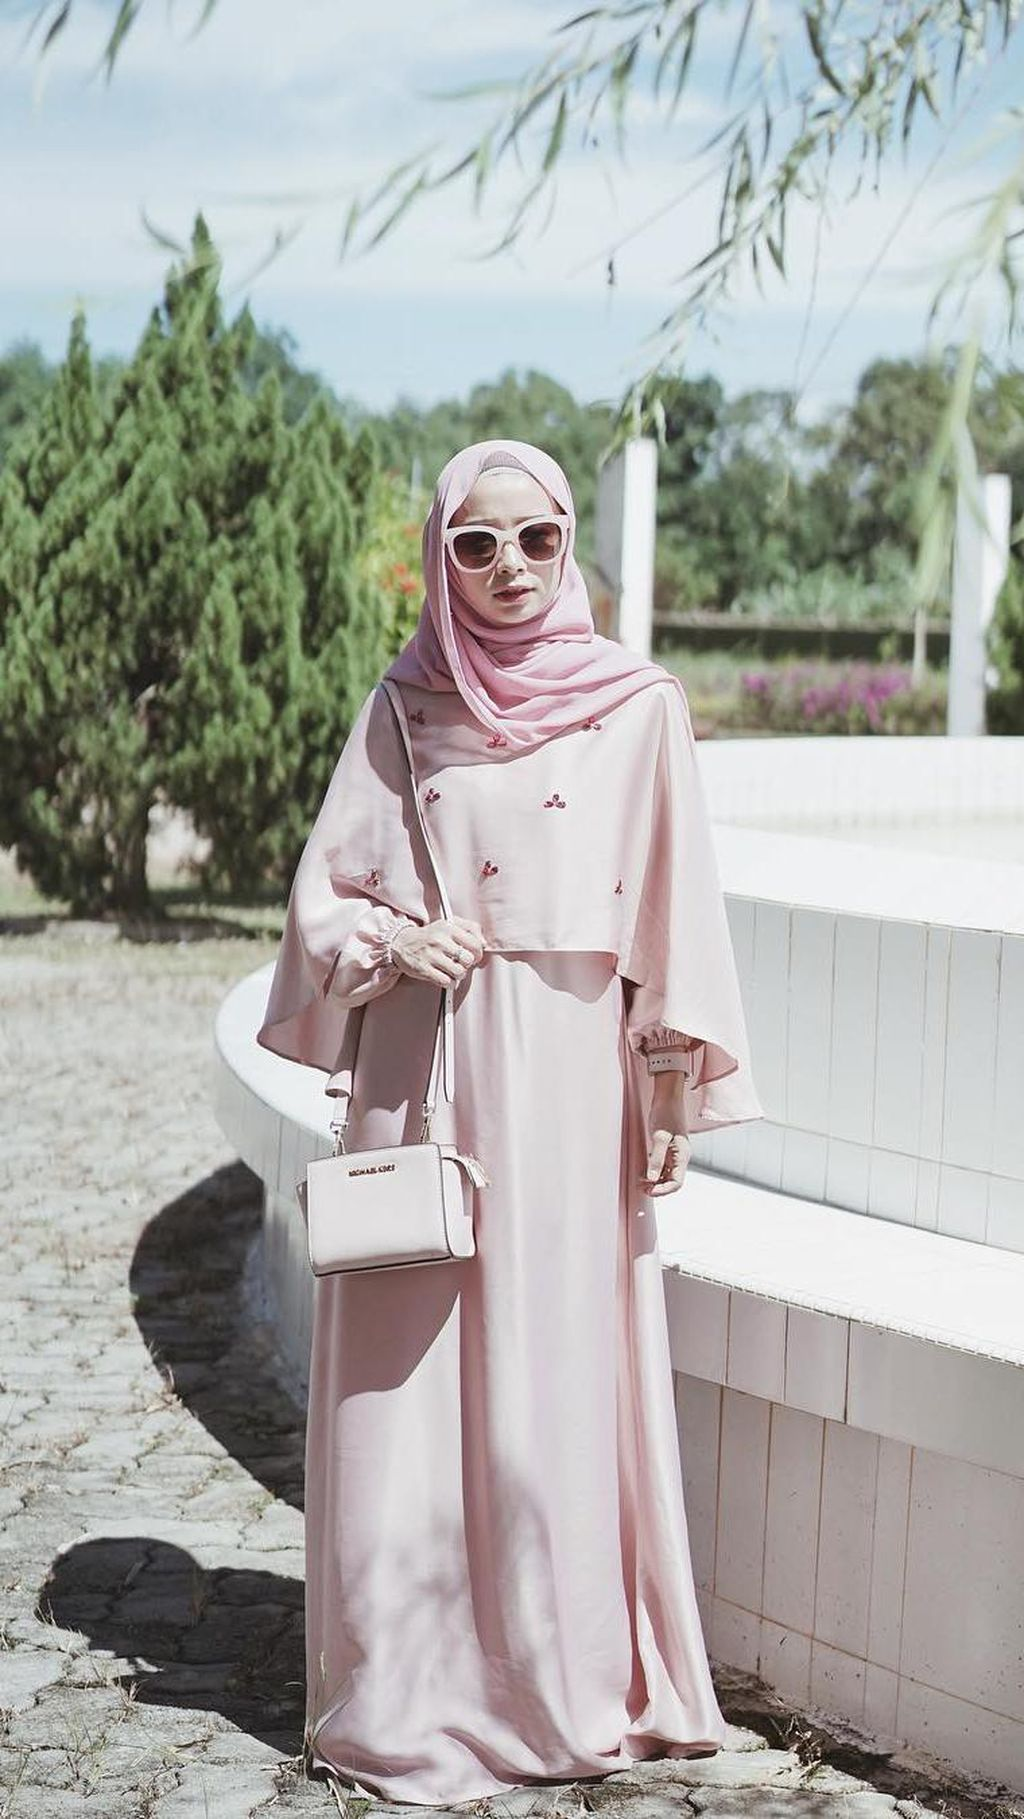 Foto: 10 Inspirasi Gaya Hijab Pastel yang Cocok untuk Lebaran dari Selebgram